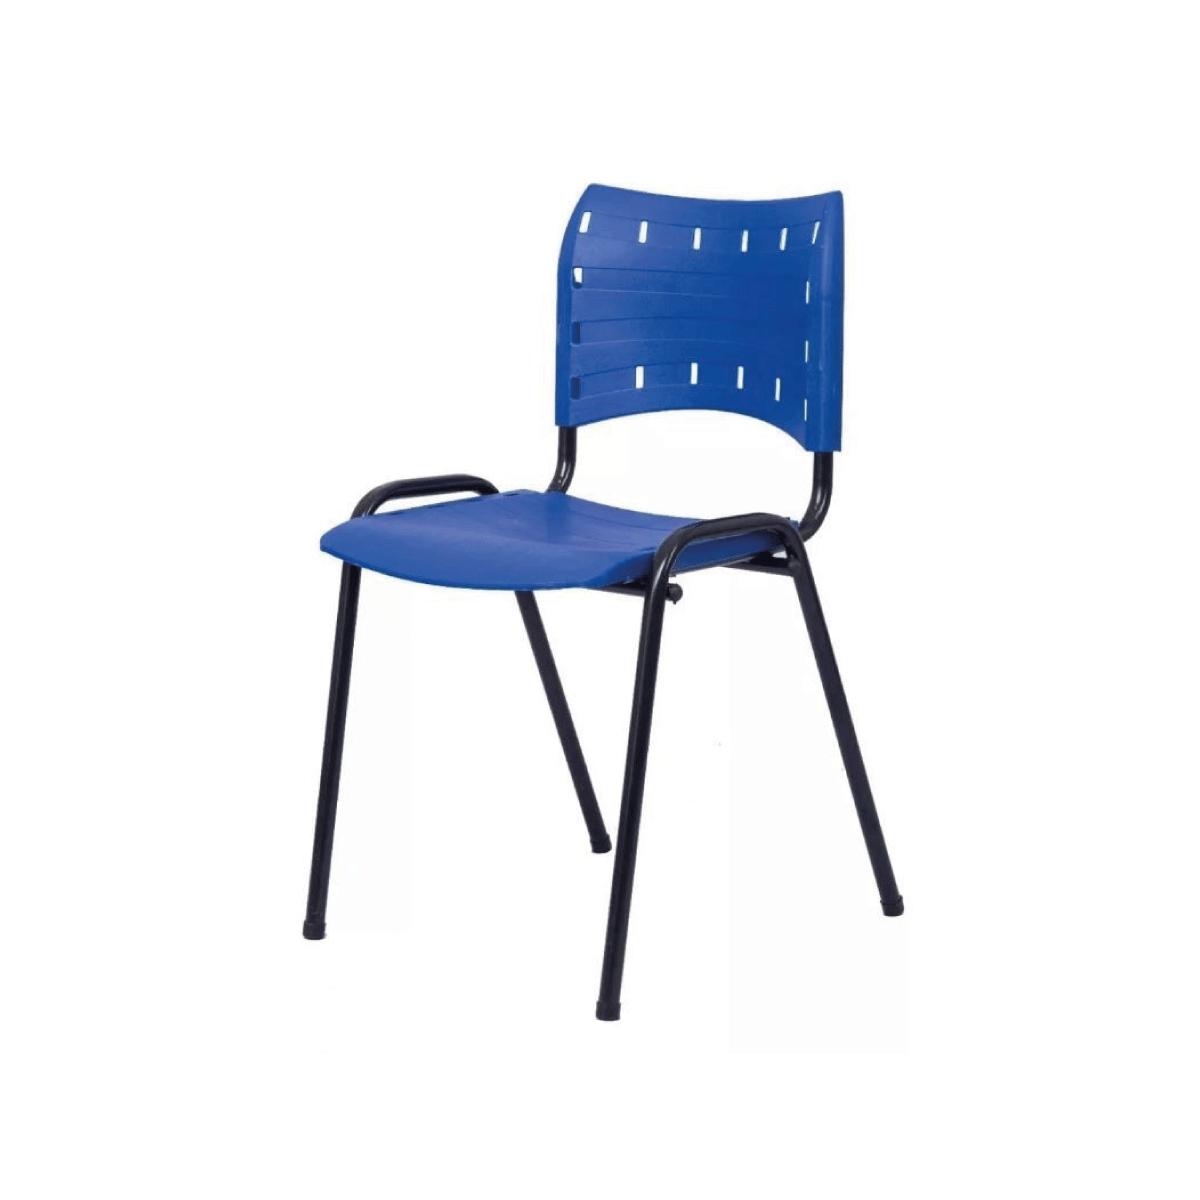 Cadeira Iso Plástica Compact  Escritório Empilhável